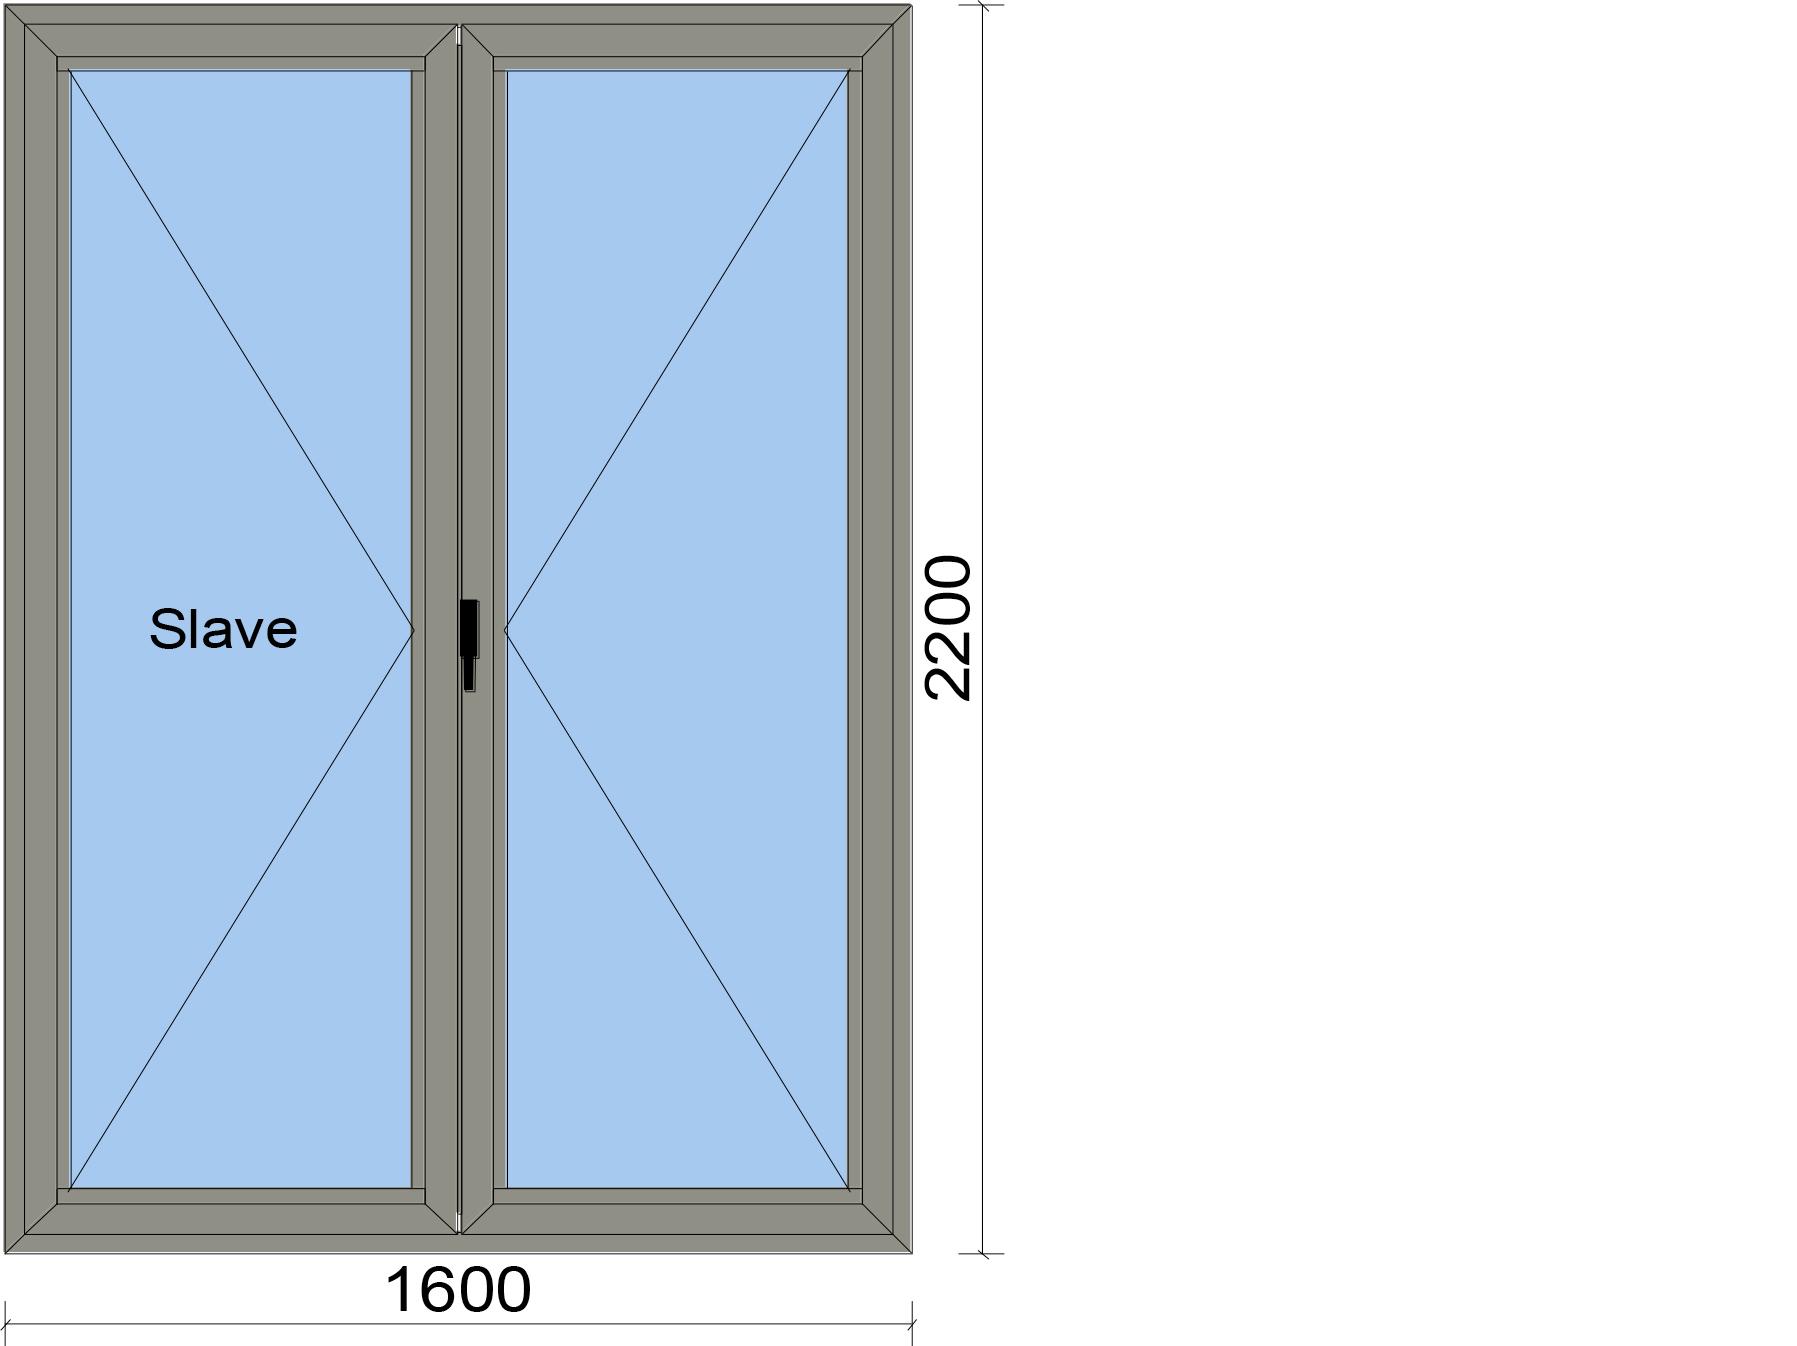 Прозорец от две части с летящ делител и две едноосово отваряеми крила